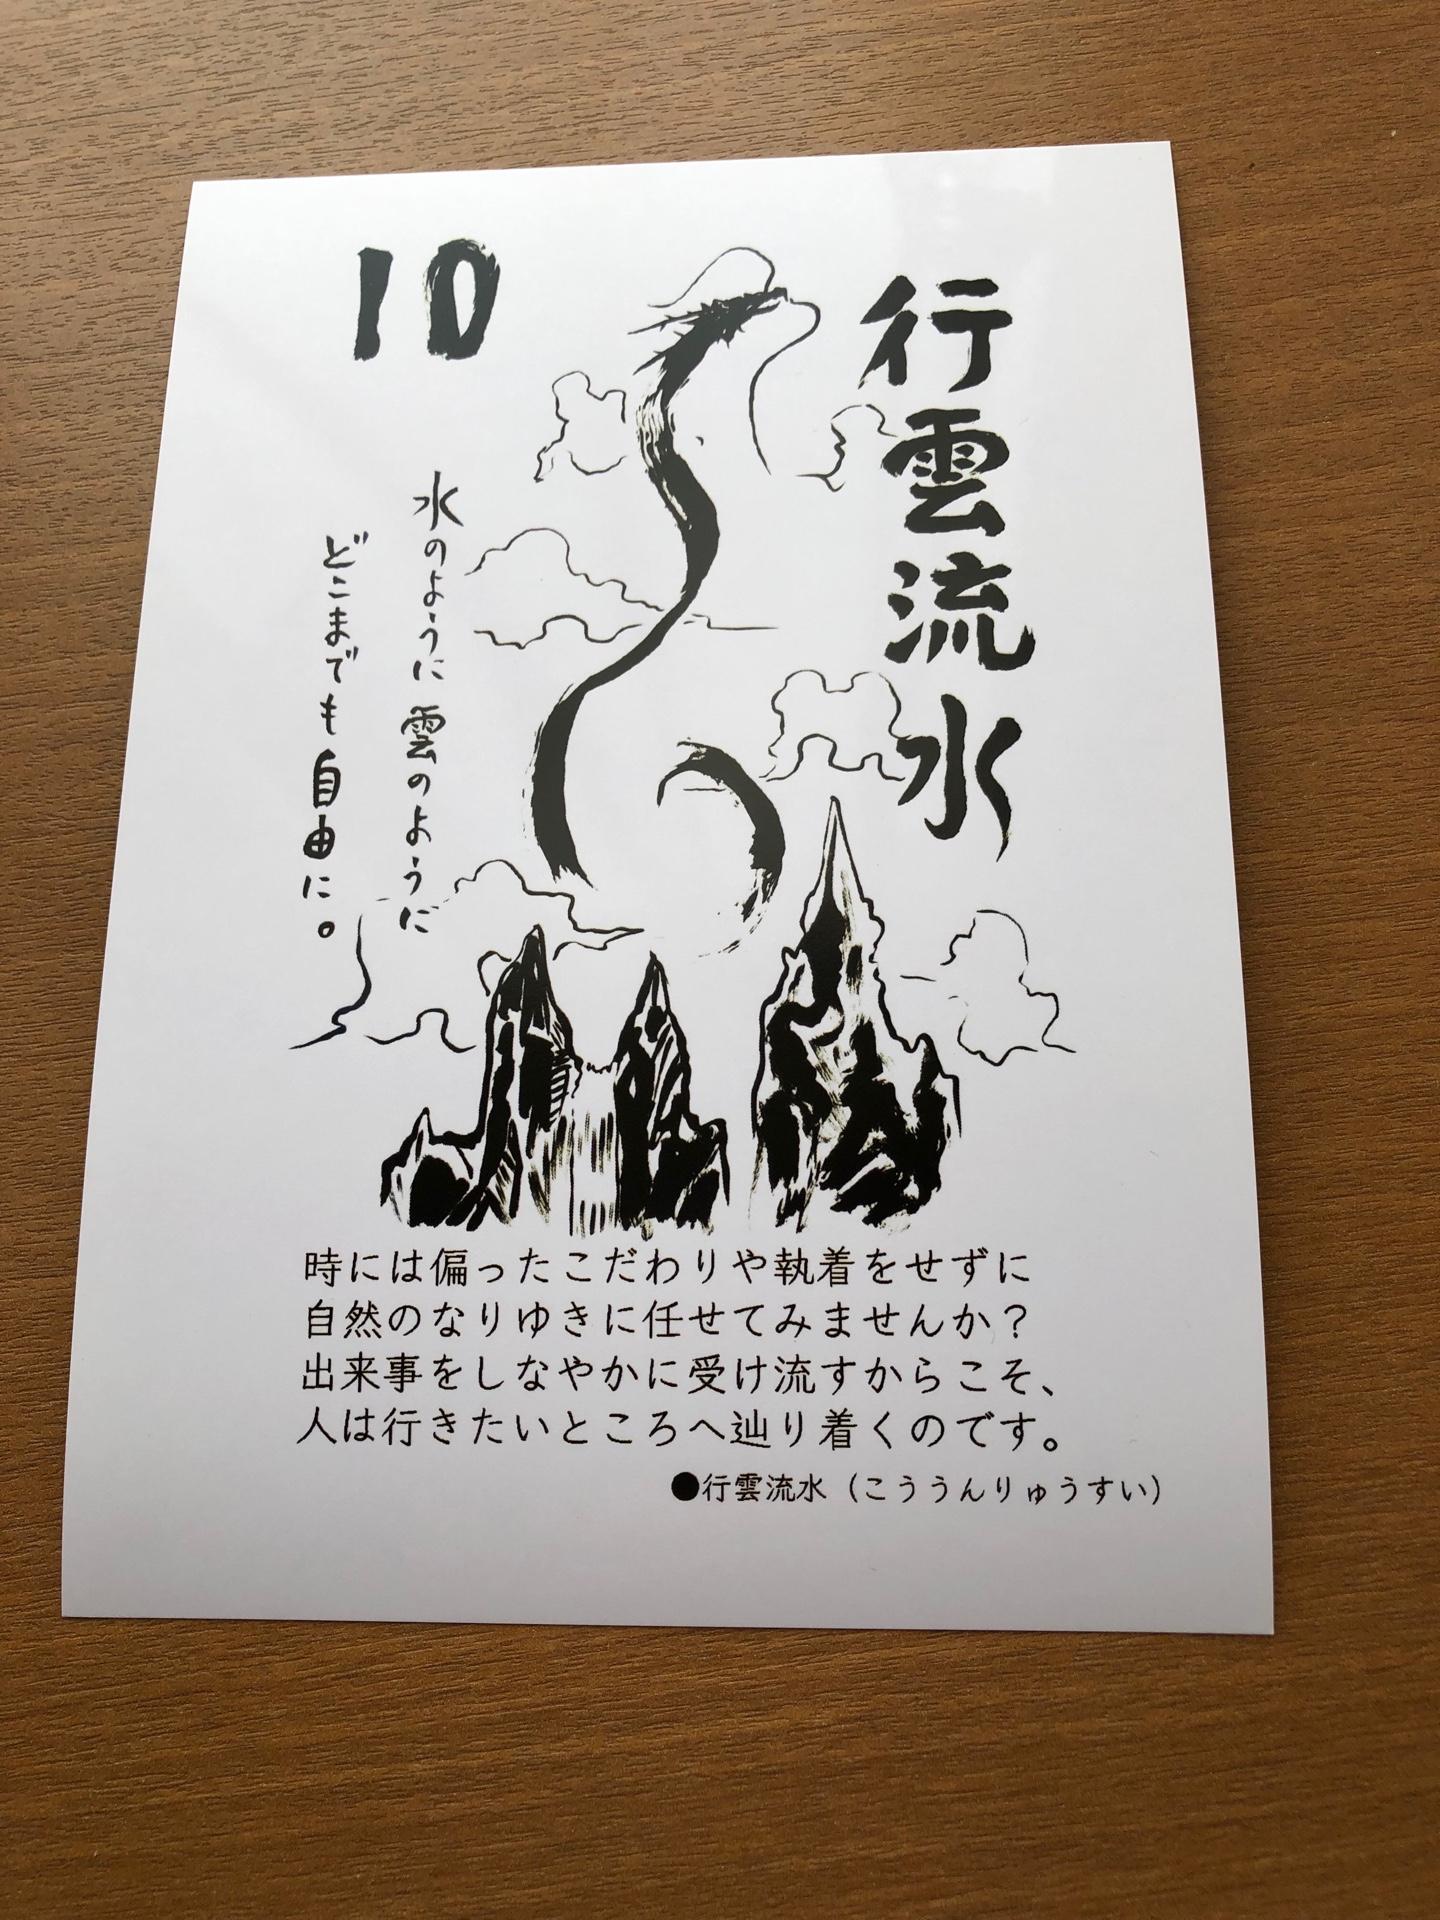 FullSizeRender-11-02-19-10-29-4